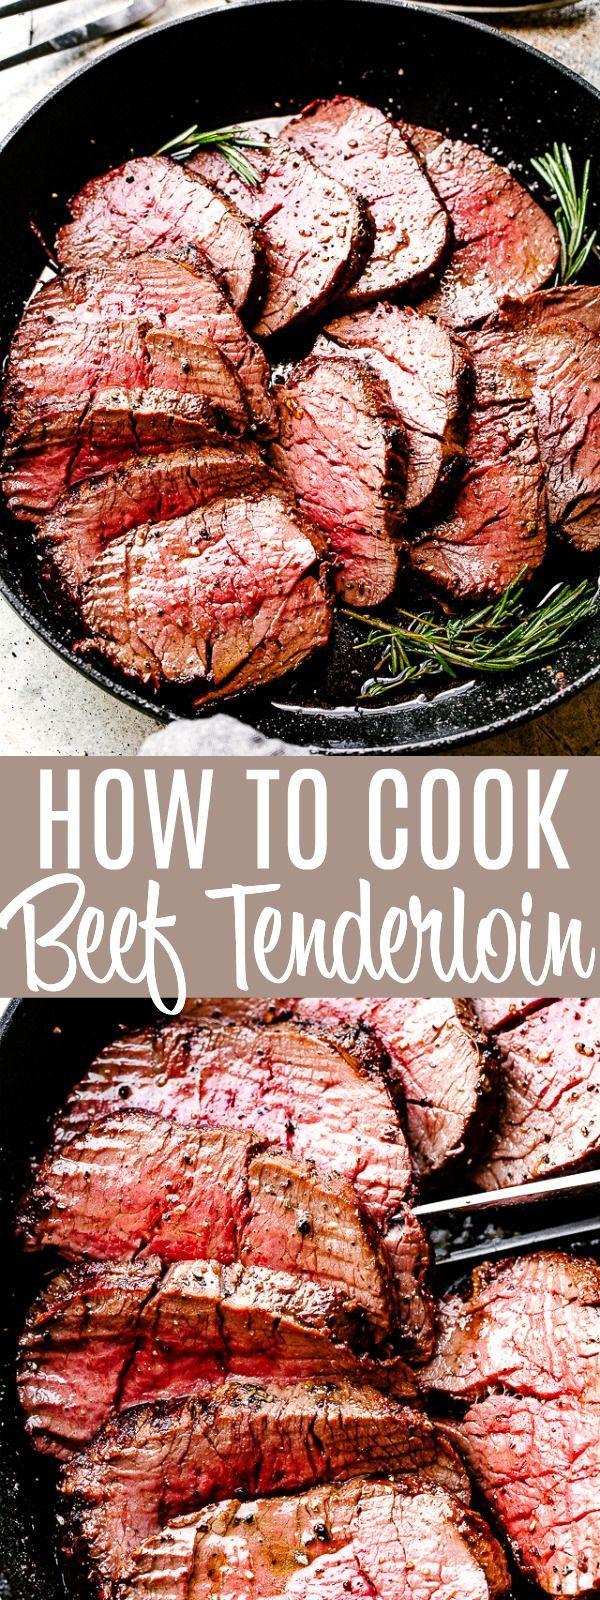 How To Cook Delicious Beef Tenderloin